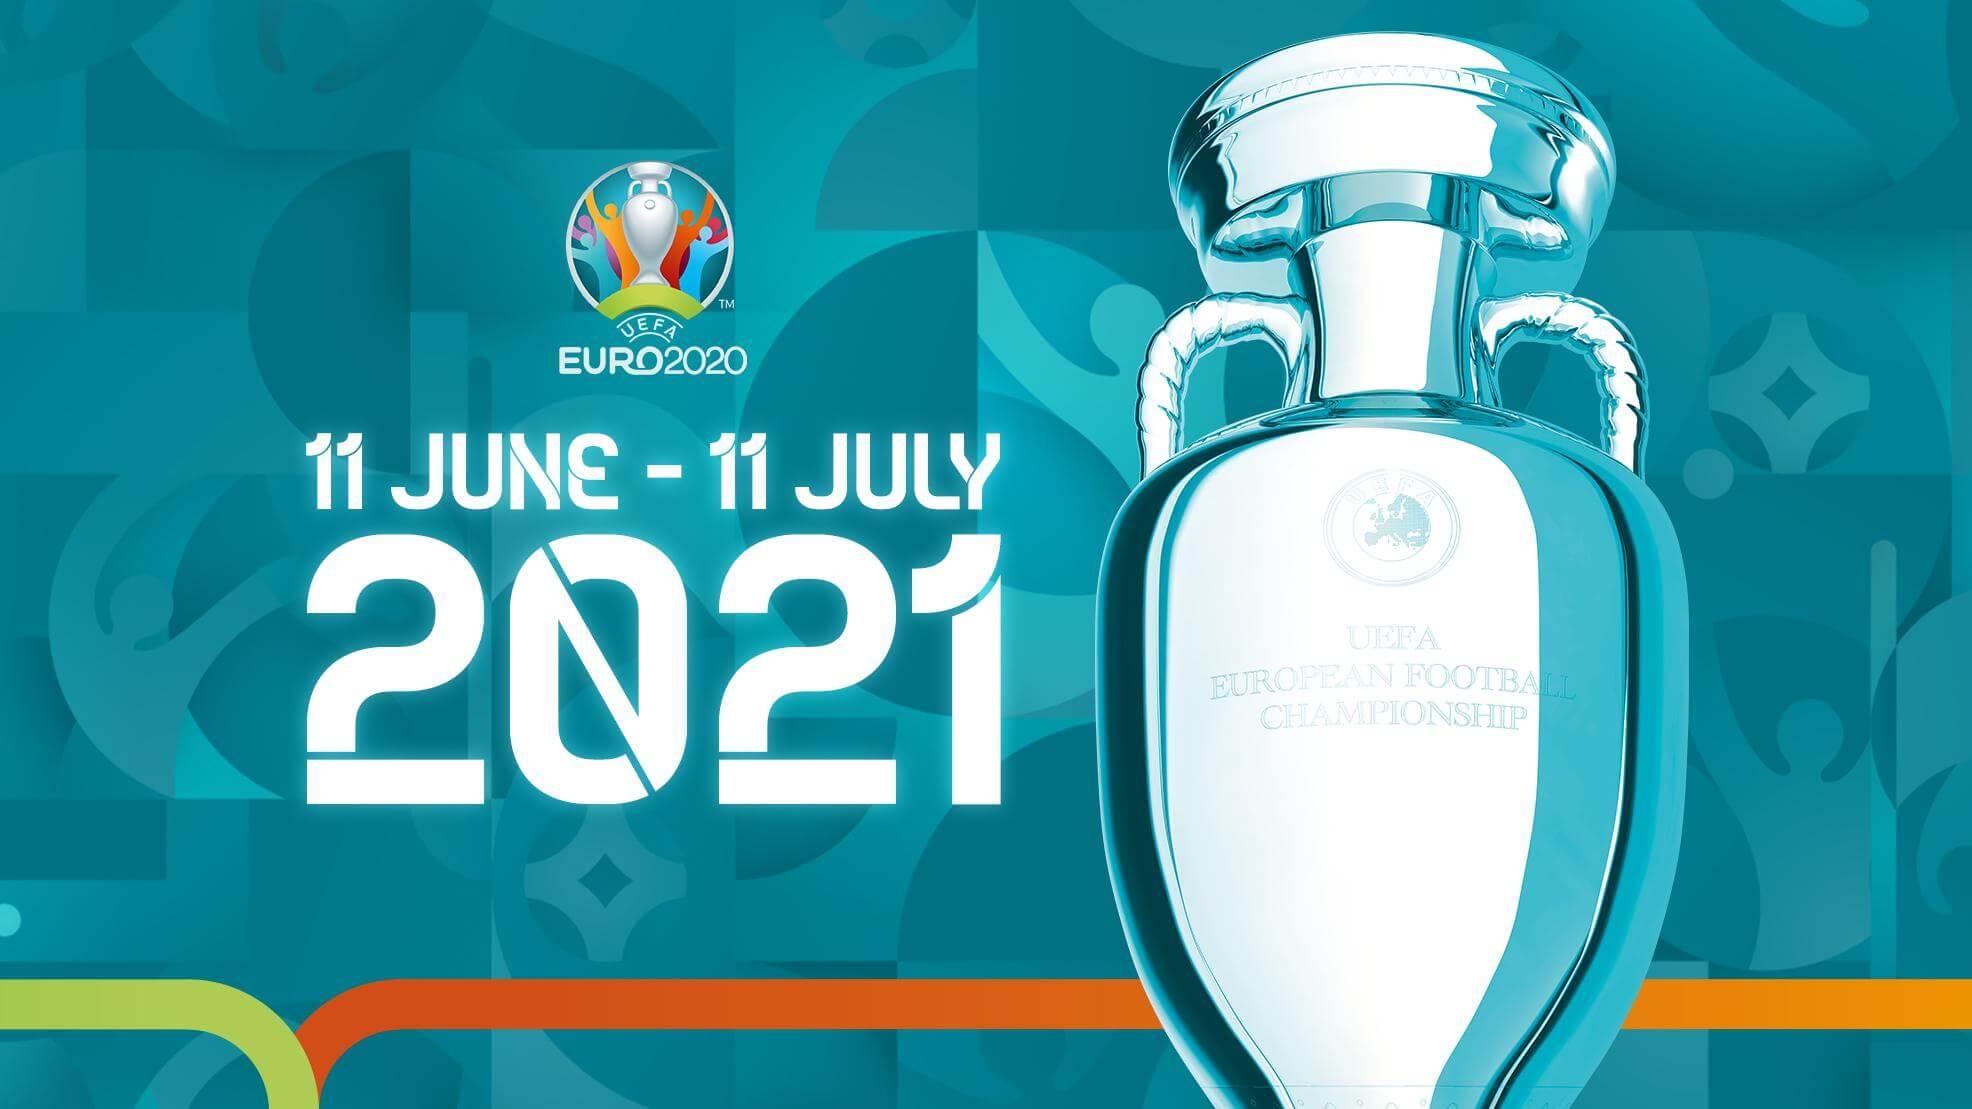 Euro2020 inventar og direkte odds